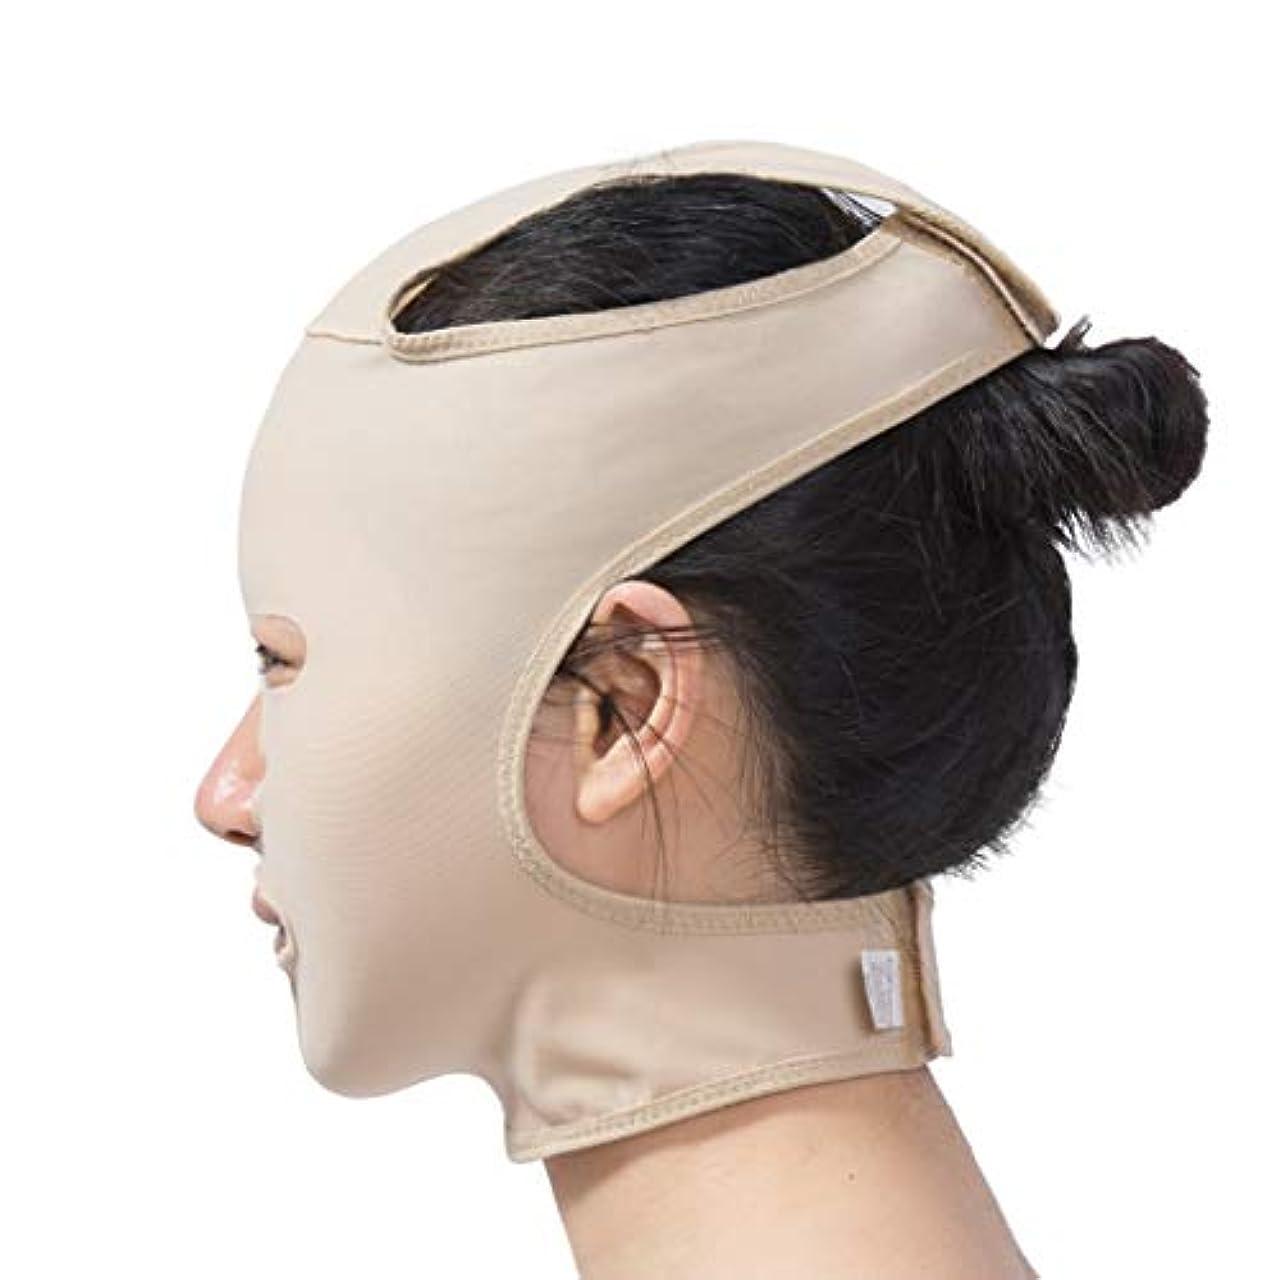 腹部無数の背の高いXHLMRMJ フェイスリフトマスク、フルフェイスマスク医療グレード圧力フェイスダブルチンプラスチック脂肪吸引術弾性包帯ヘッドギア後の顔の脂肪吸引術 (Size : XL)